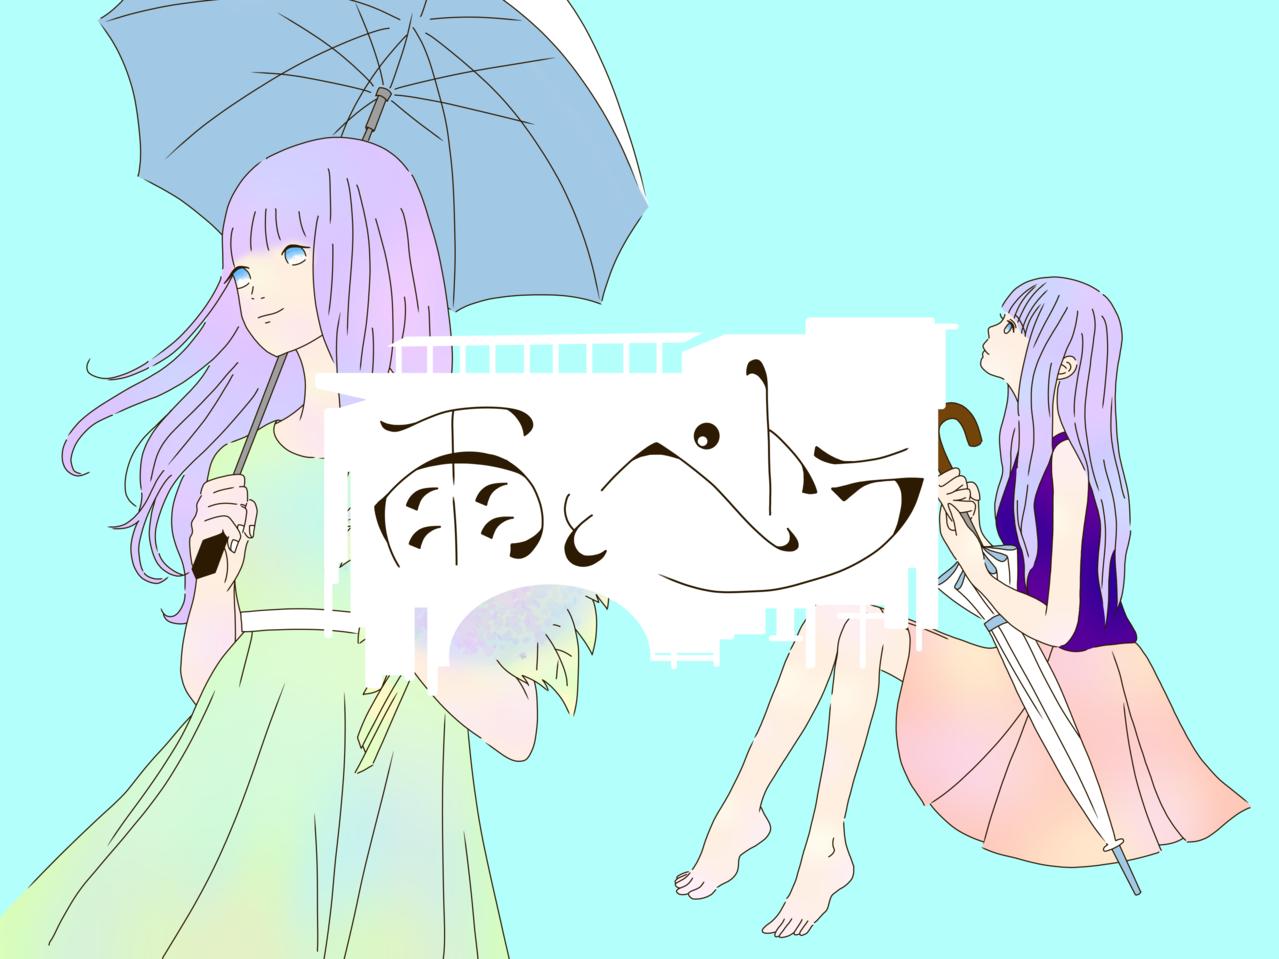 雨とペトラ Illust of 桜 宮美 ボカロ曲 watercolor 雨とペトラ バルーン 水彩風 桜宮美 須田景凪